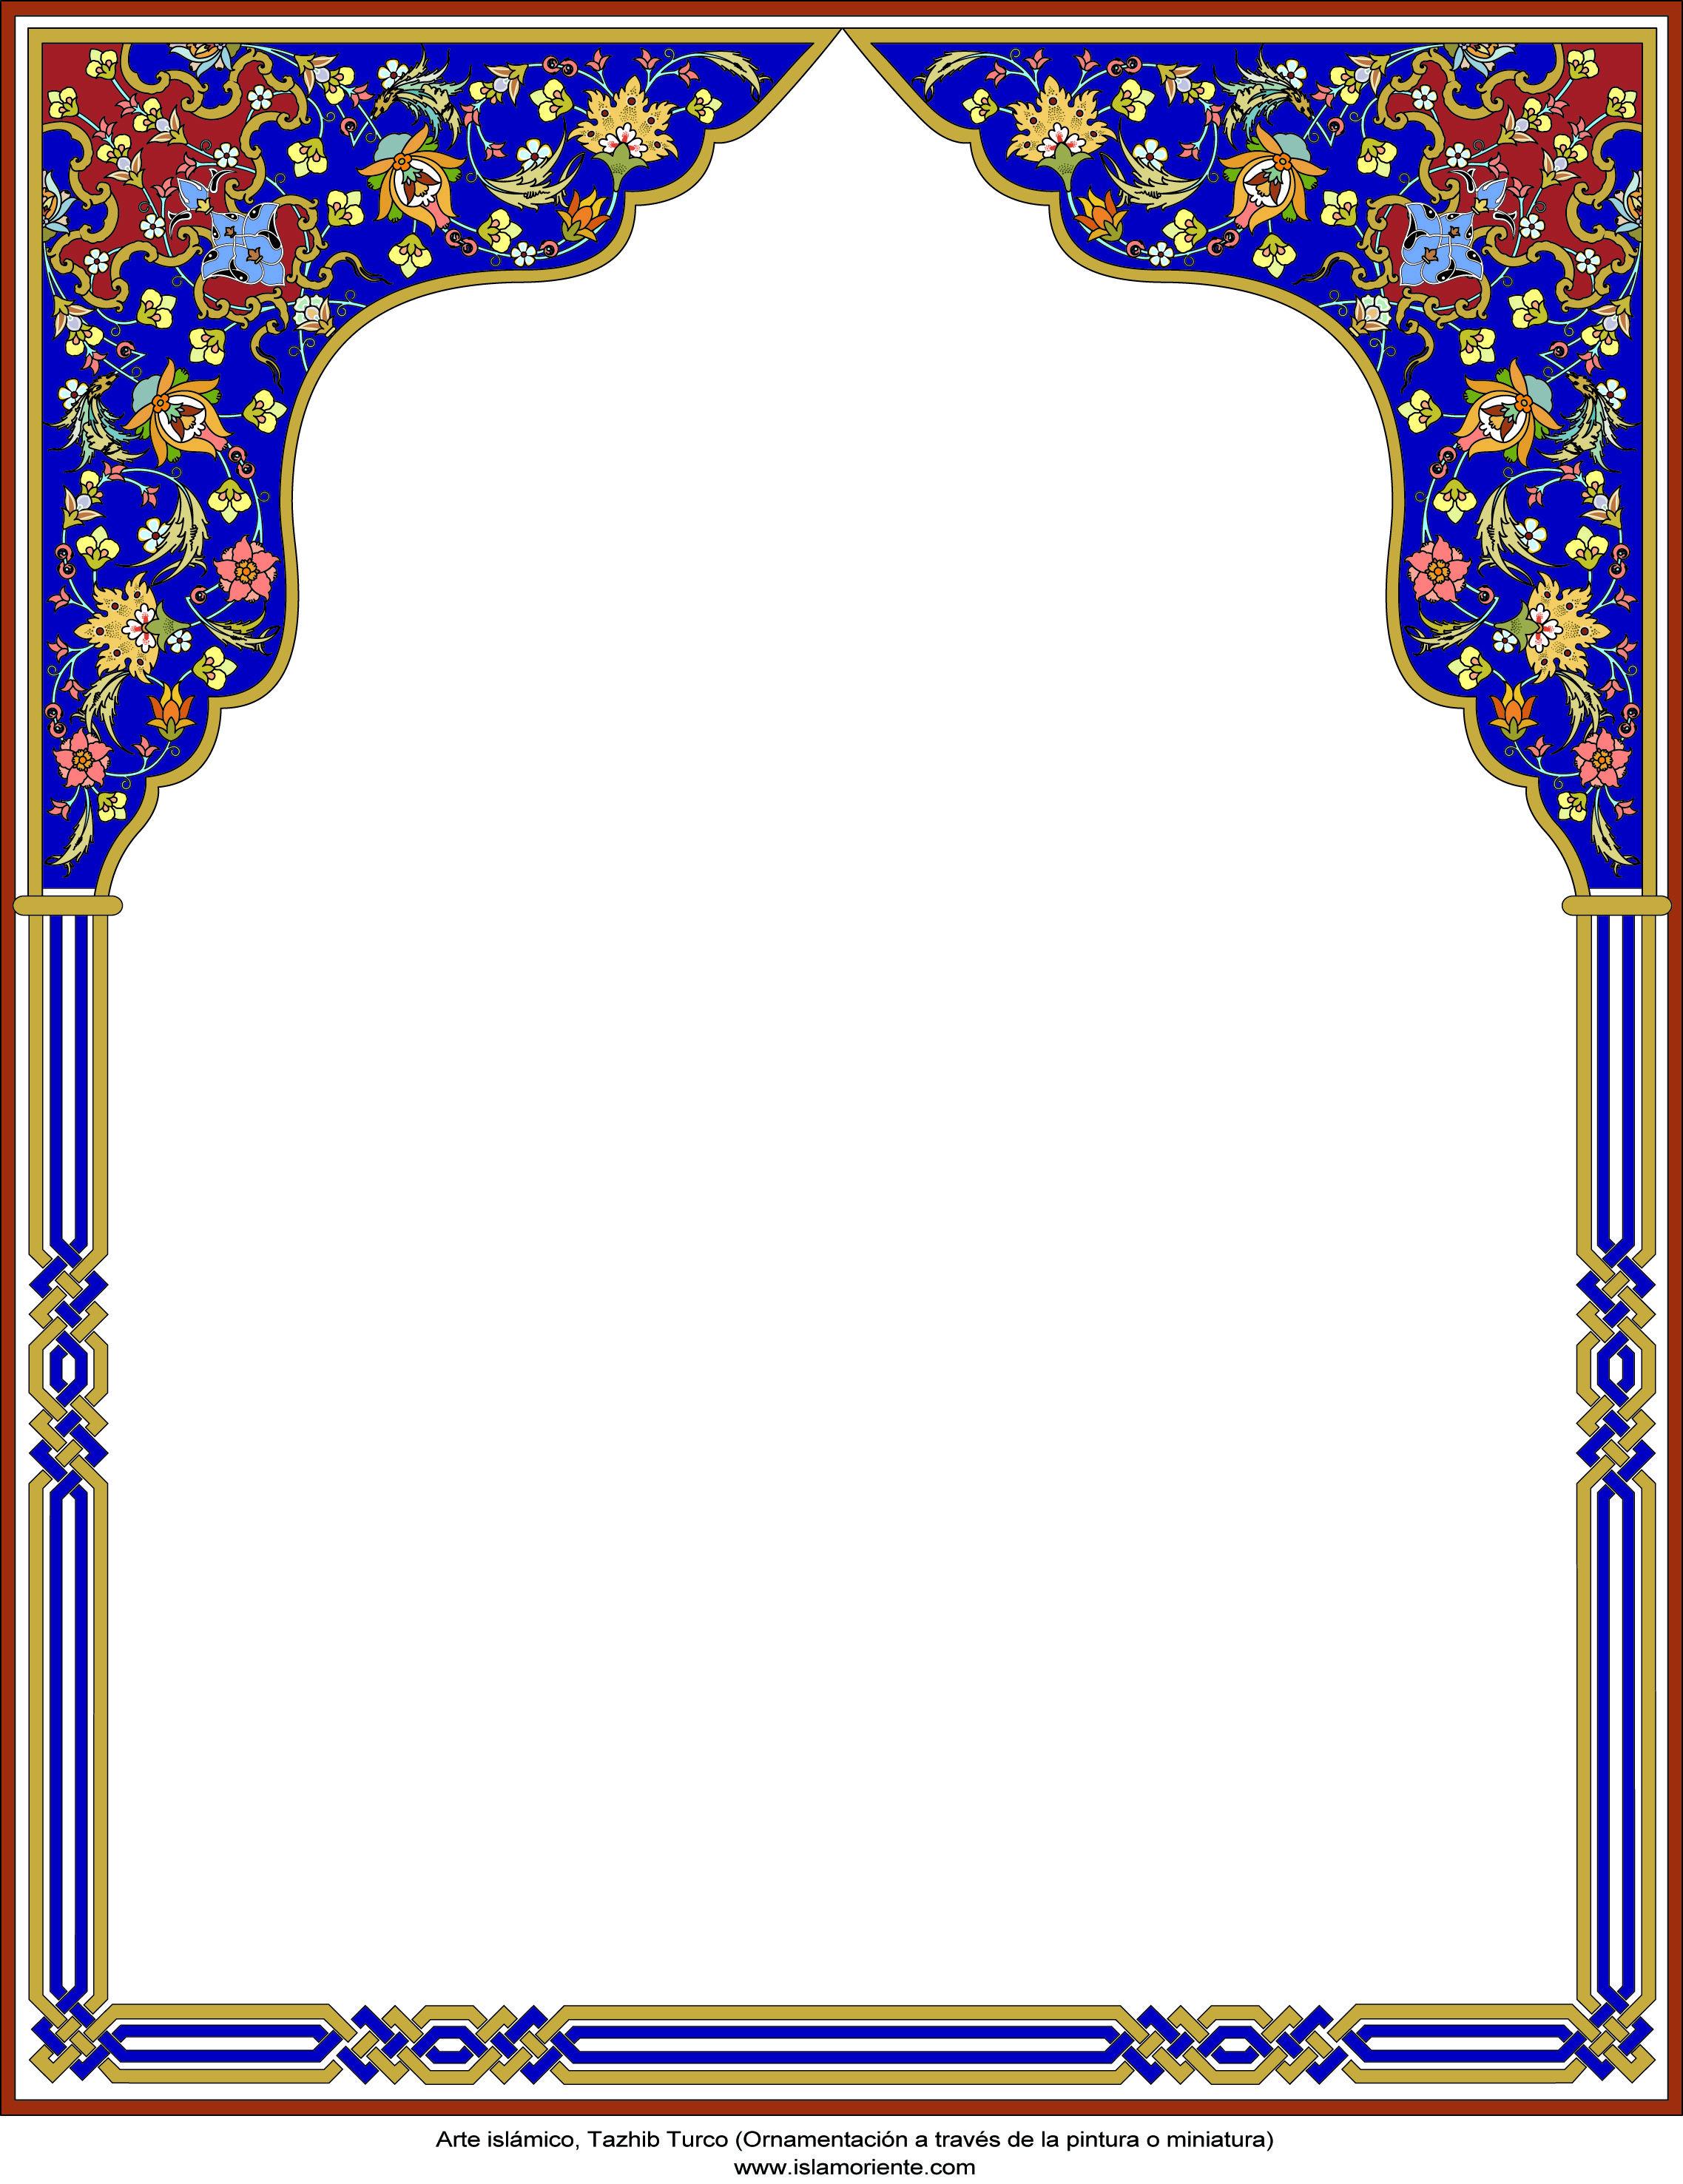 Arte islámico – Tazhib Turco - en cuadro - 18 | Galería de Arte ...